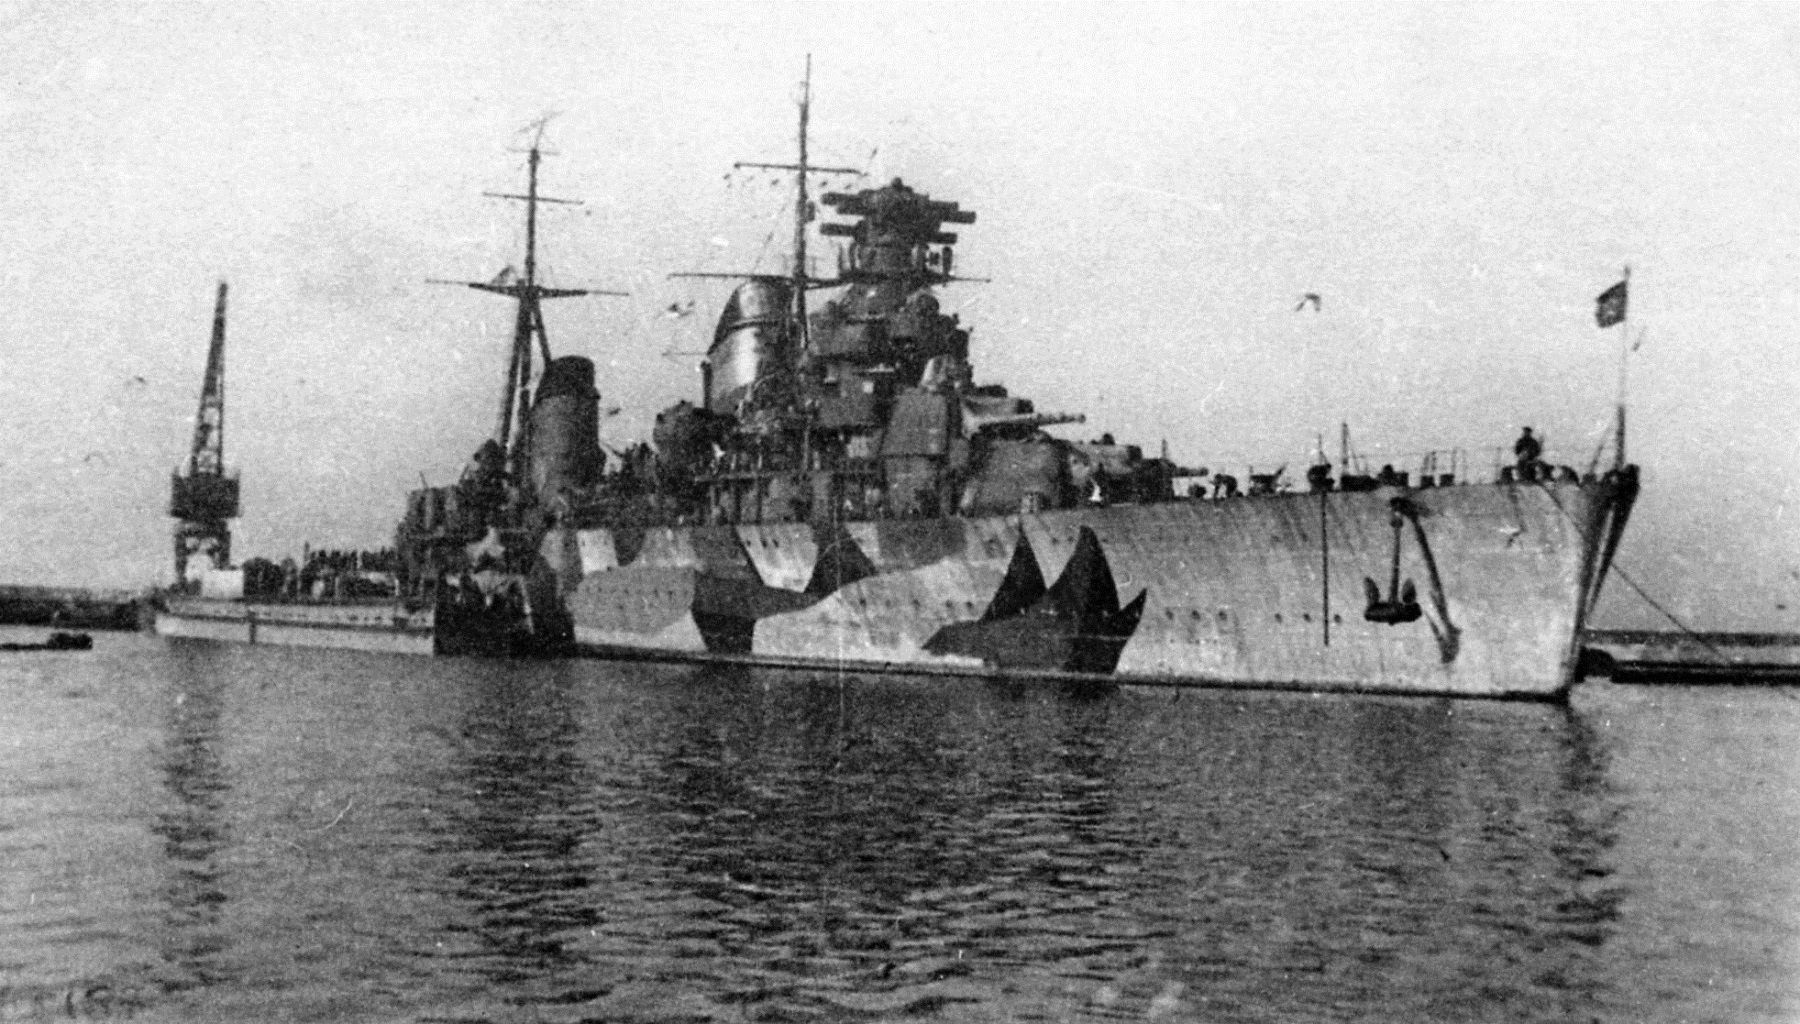 Постановка в док крейсера «Молотов» для восстановления и ремонта, 1942 год ©Фото с сайта http://waralbum.ru